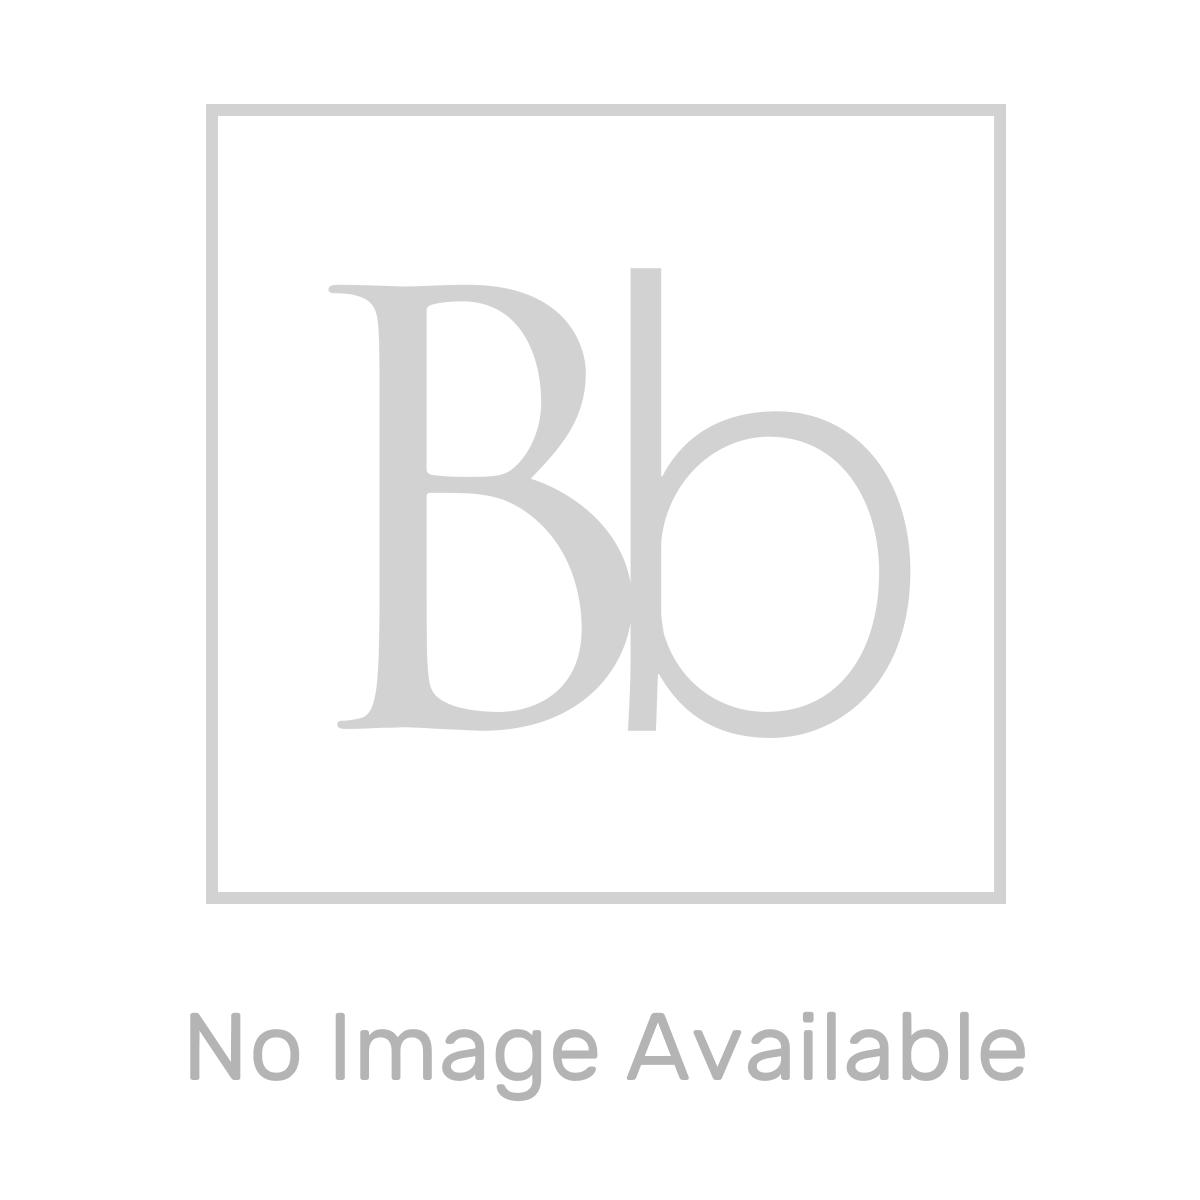 Kartell Encore White Mirror and Light 650mm